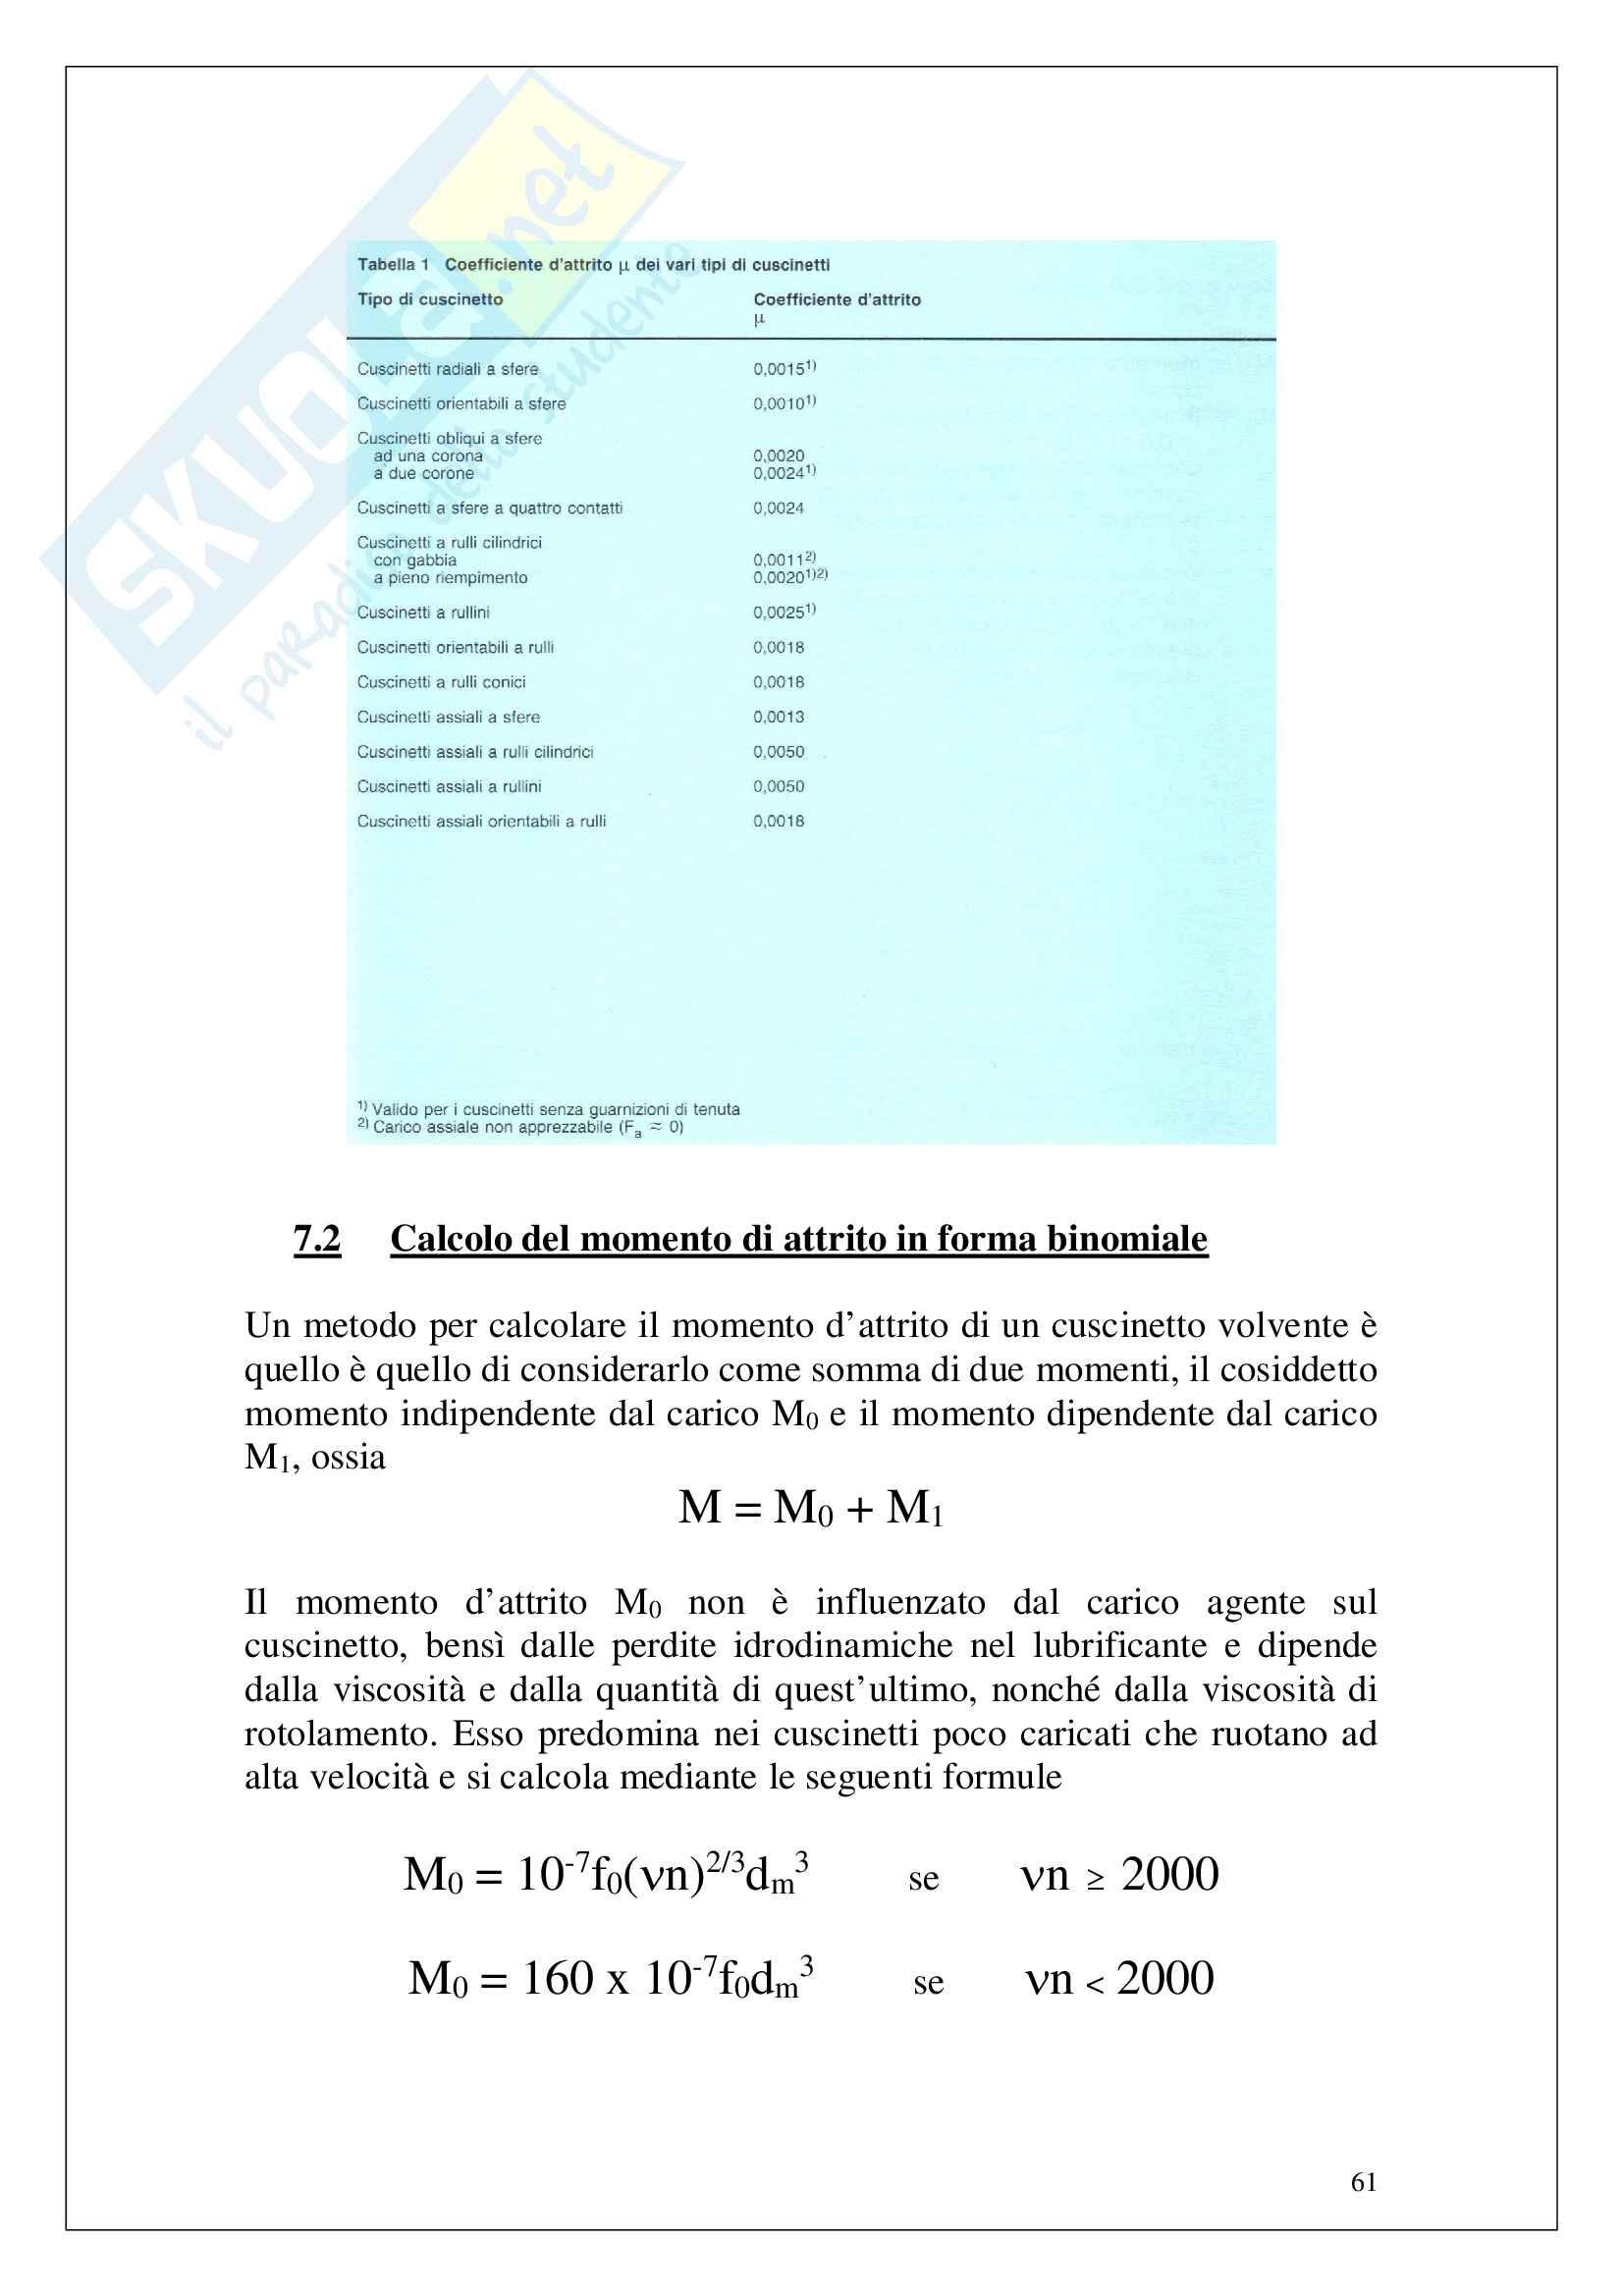 Scelta di cuscinetti per ventilatore centrifugo Pag. 61